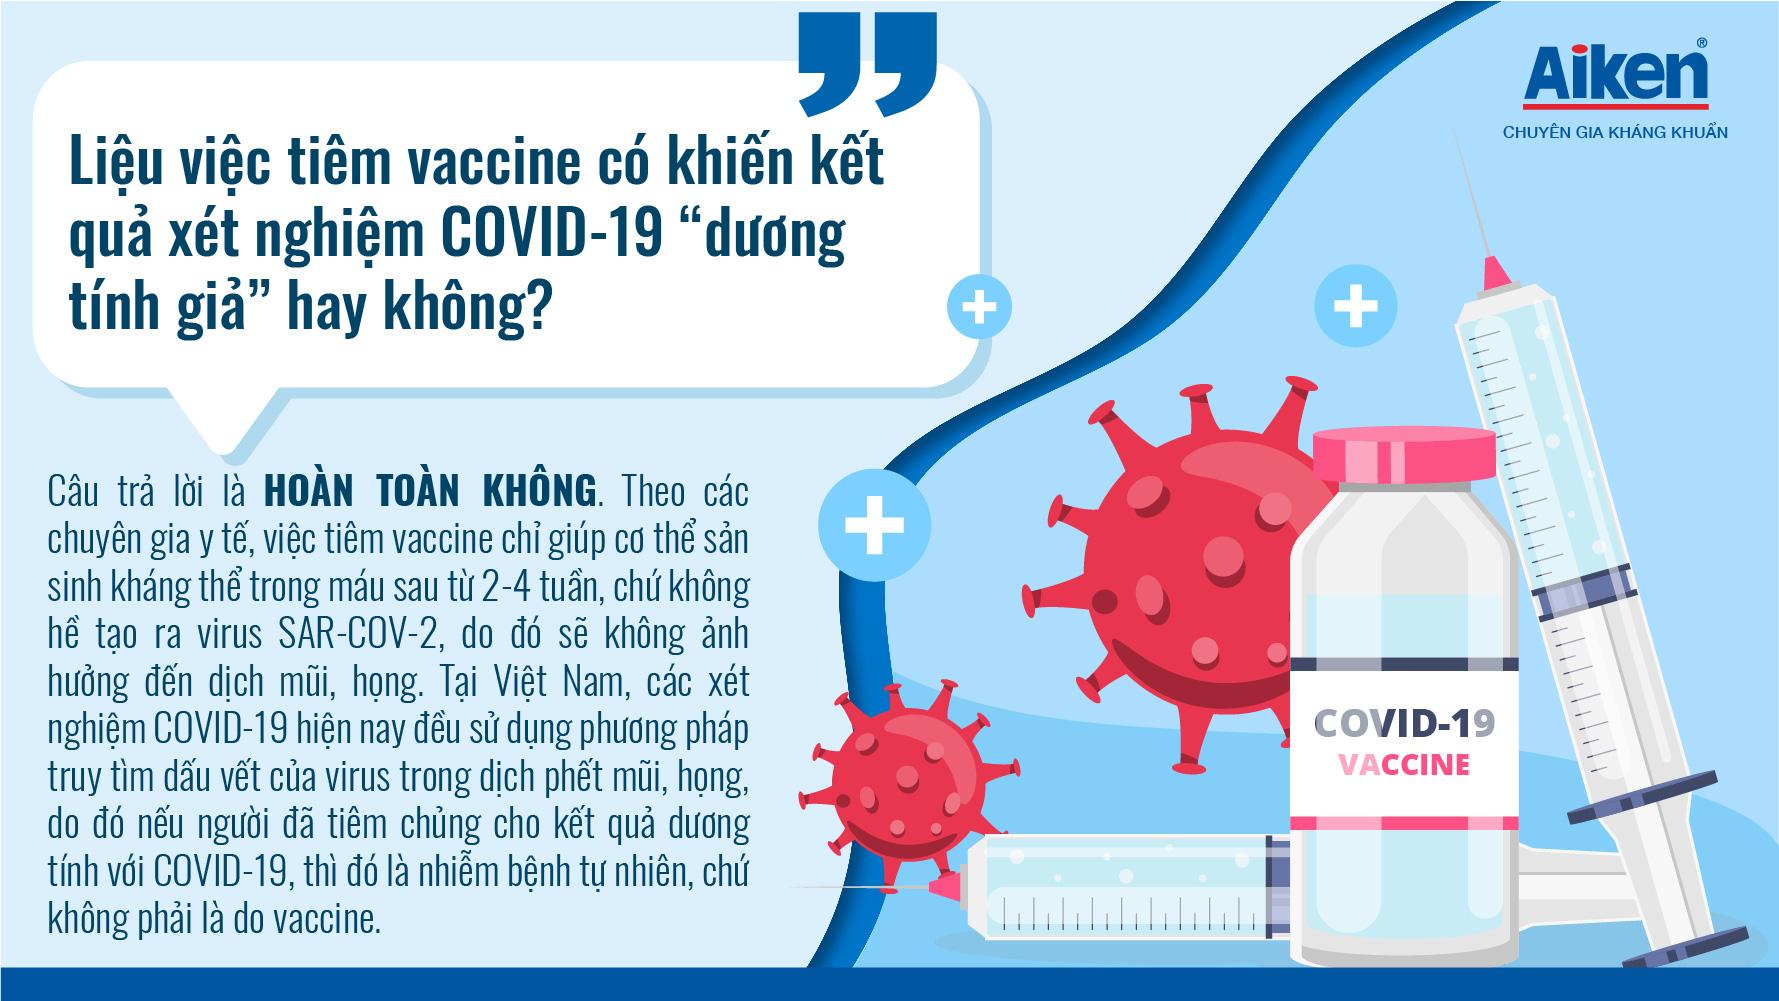 Giải đáp 1001 thắc mắc thường gặp, giúp bạn tự tin và an tâm hơn khi đi tiêm phòng COVID-19 - Ảnh 3.